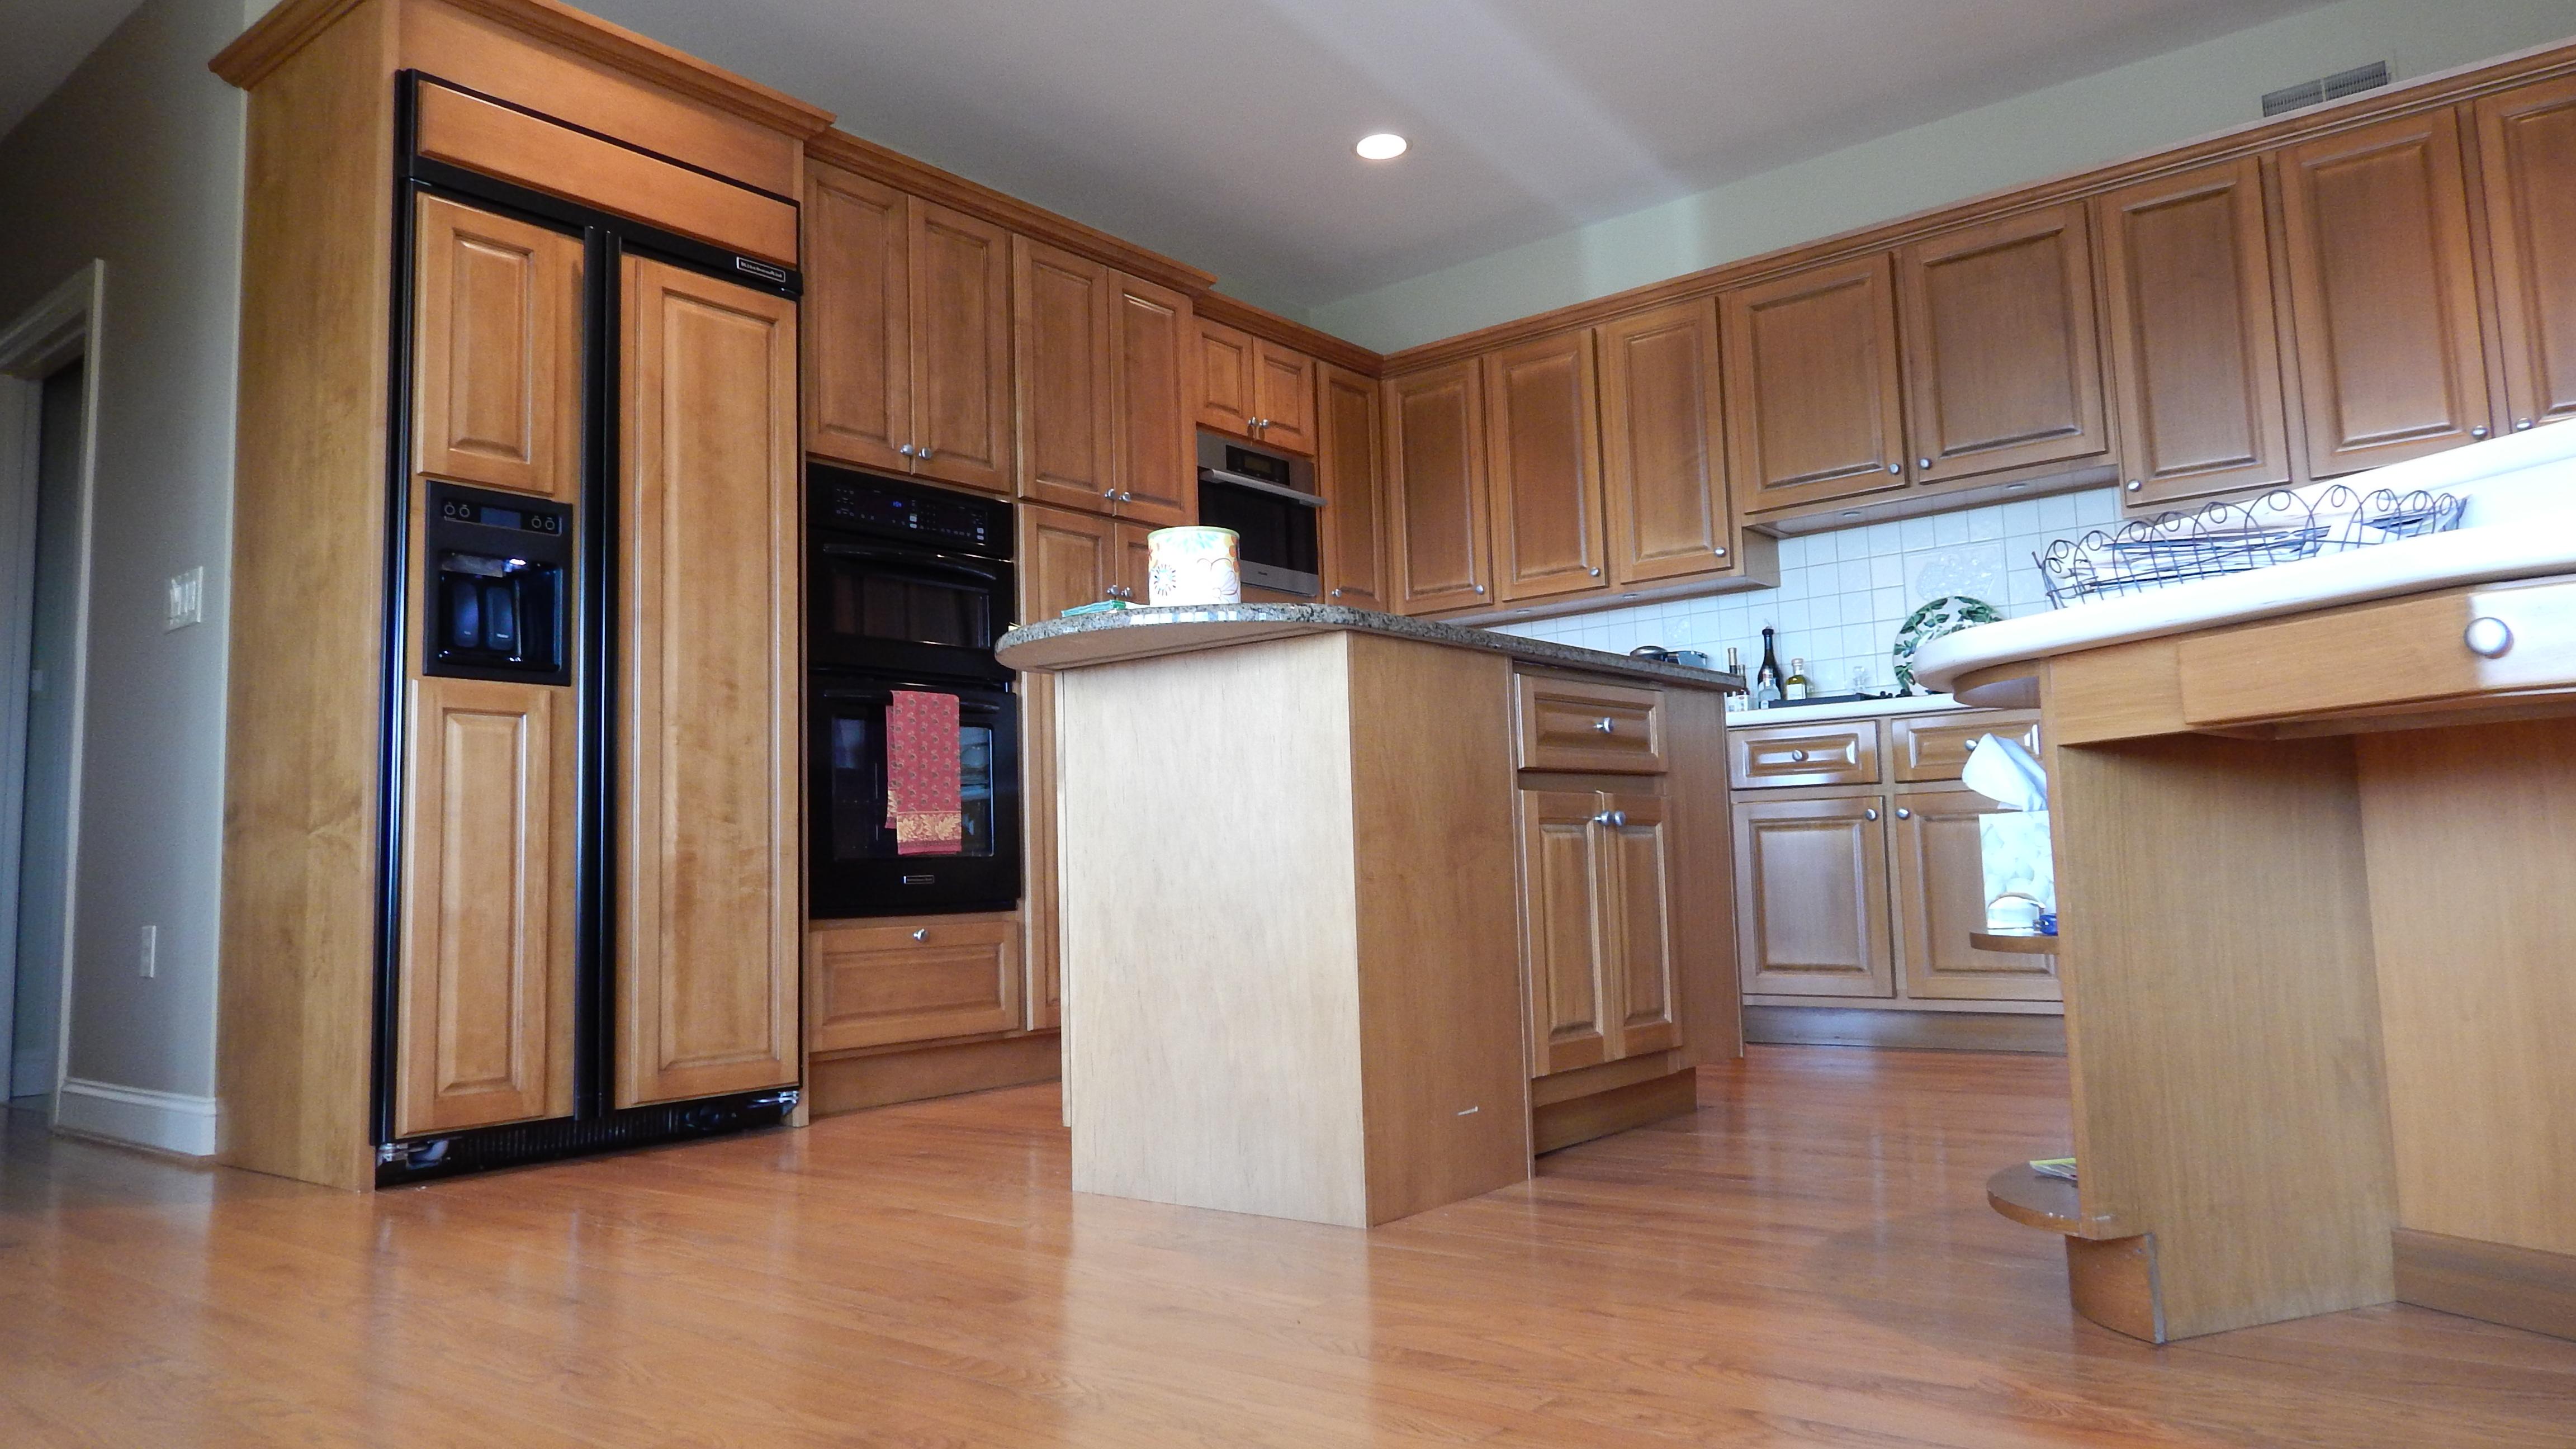 ASJ Kitchen Remodeling York PA & ASJ Is Now Offering Kitchen Remodeling In York PA!